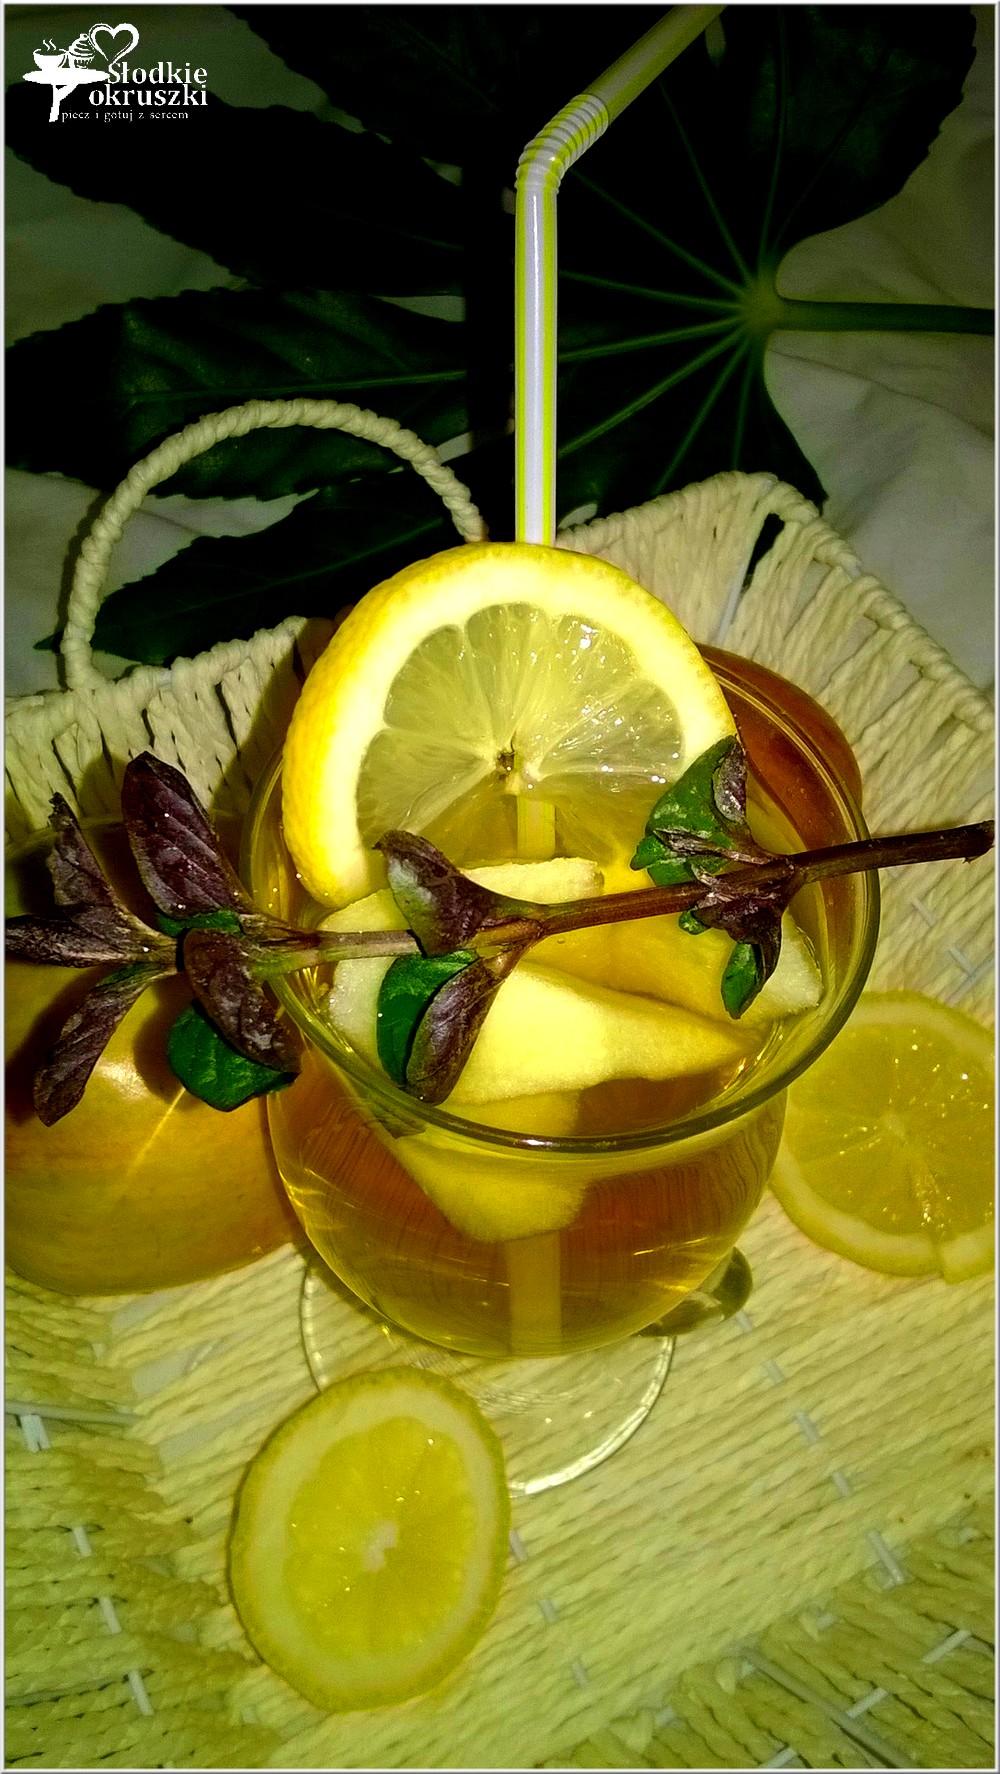 mietowo-gruszkowy-napoj-z-kawalkami-owocow-1